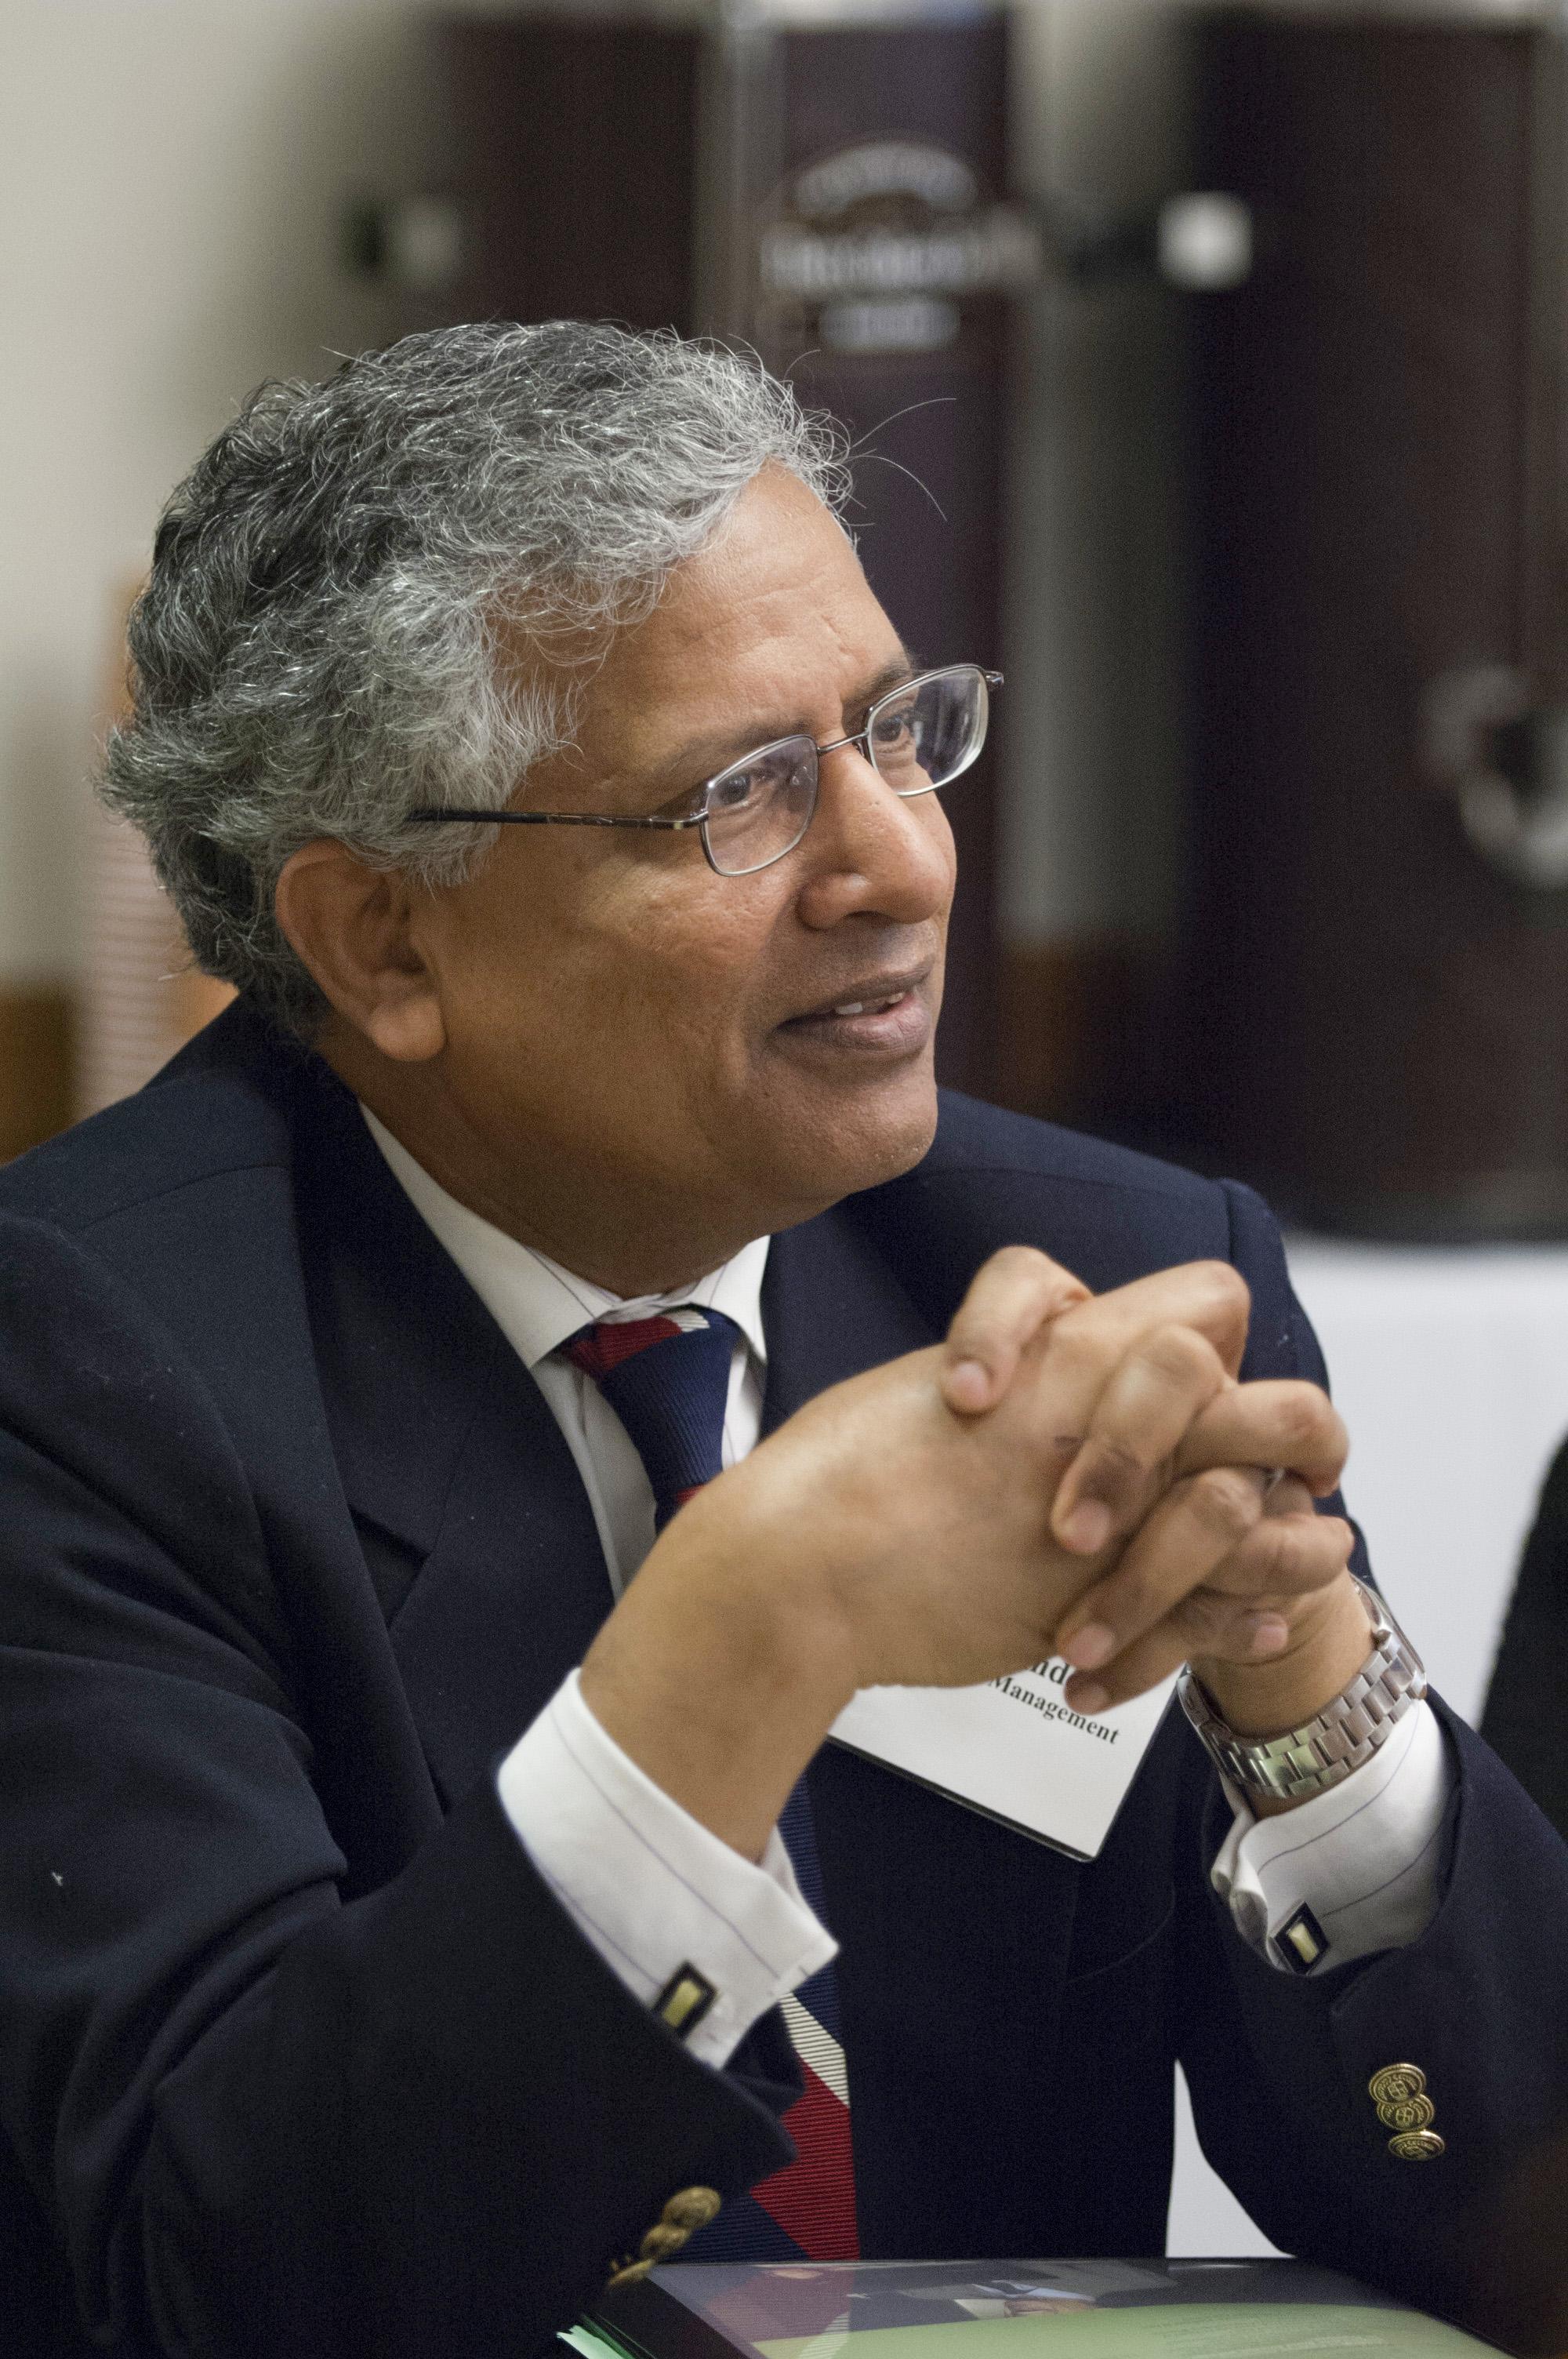 YLS SOM Prof. Shyam Sunder